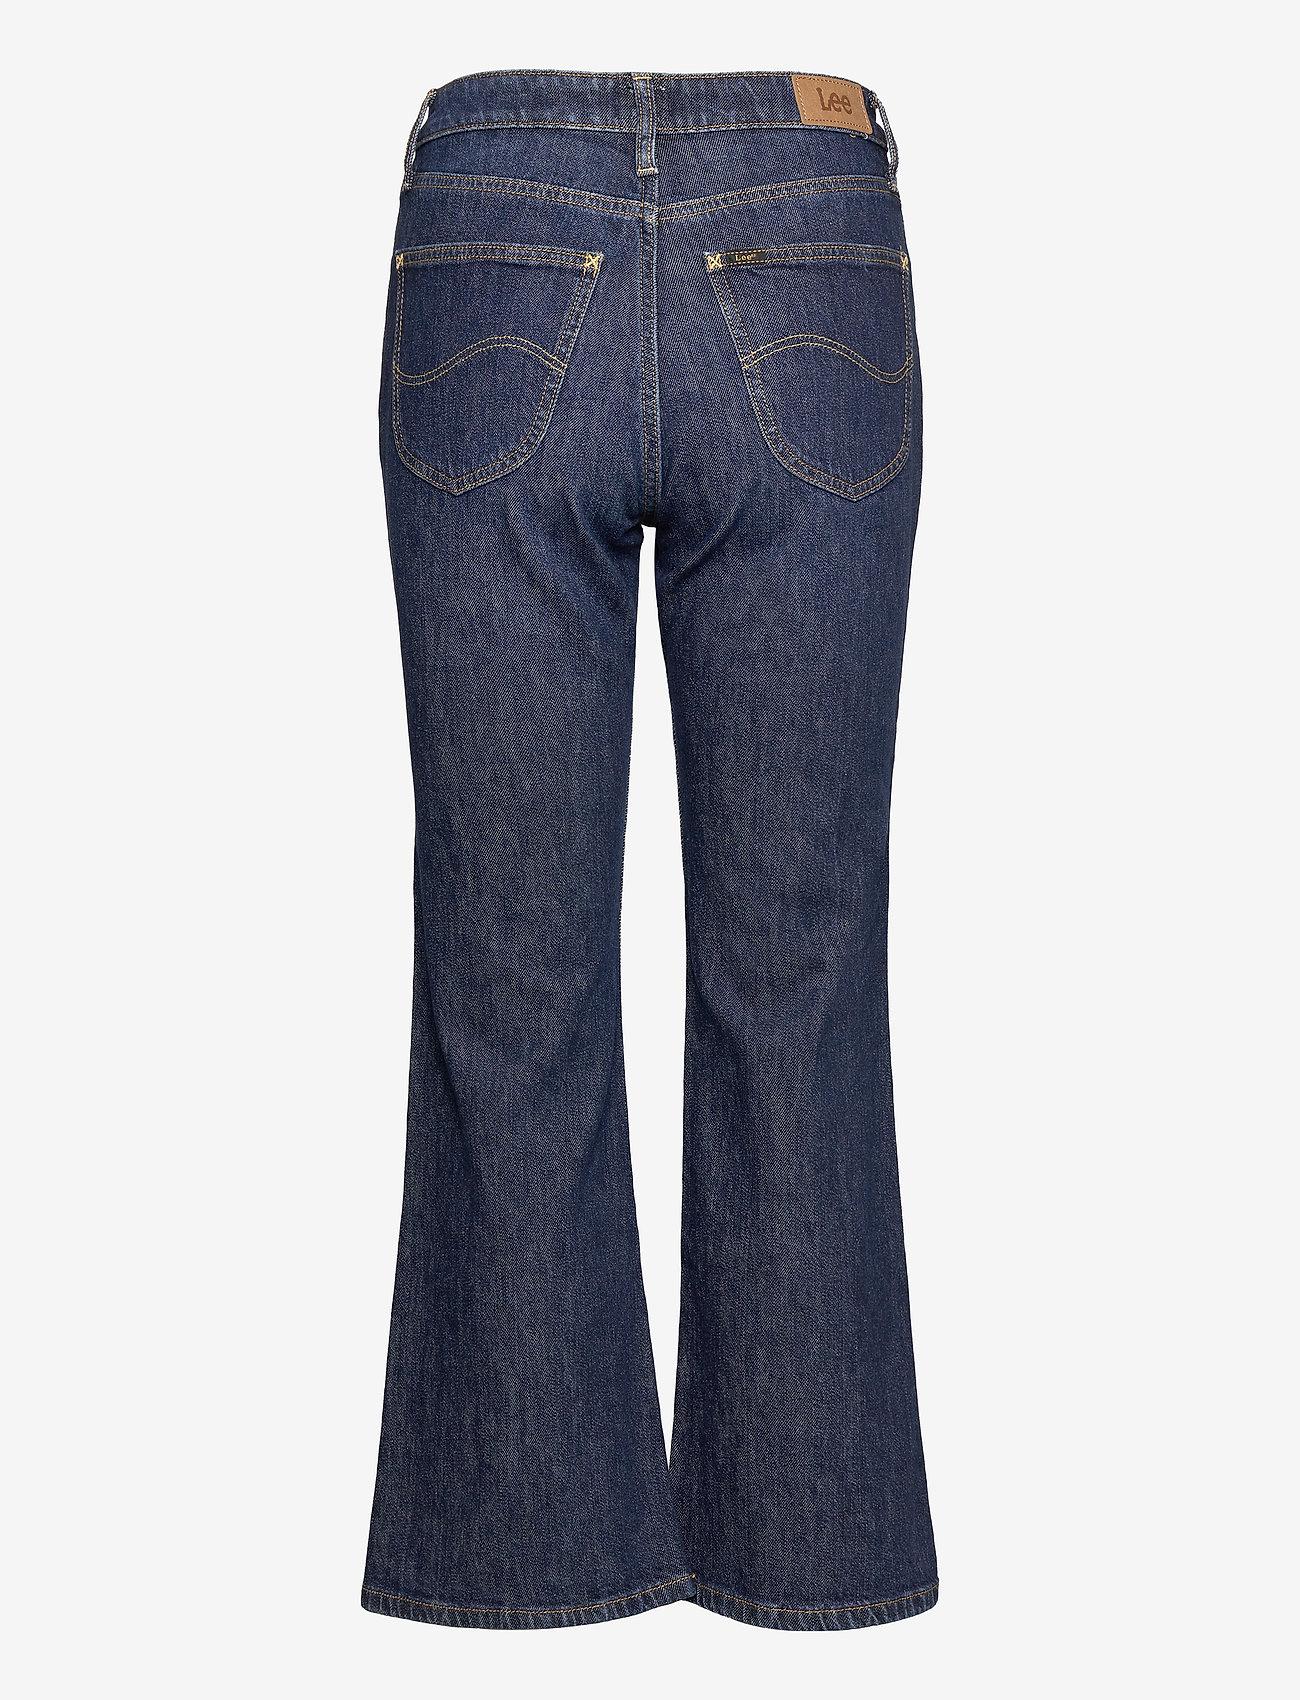 Lee Jeans - Carol Boot - schlaghosen - dark roberto - 1